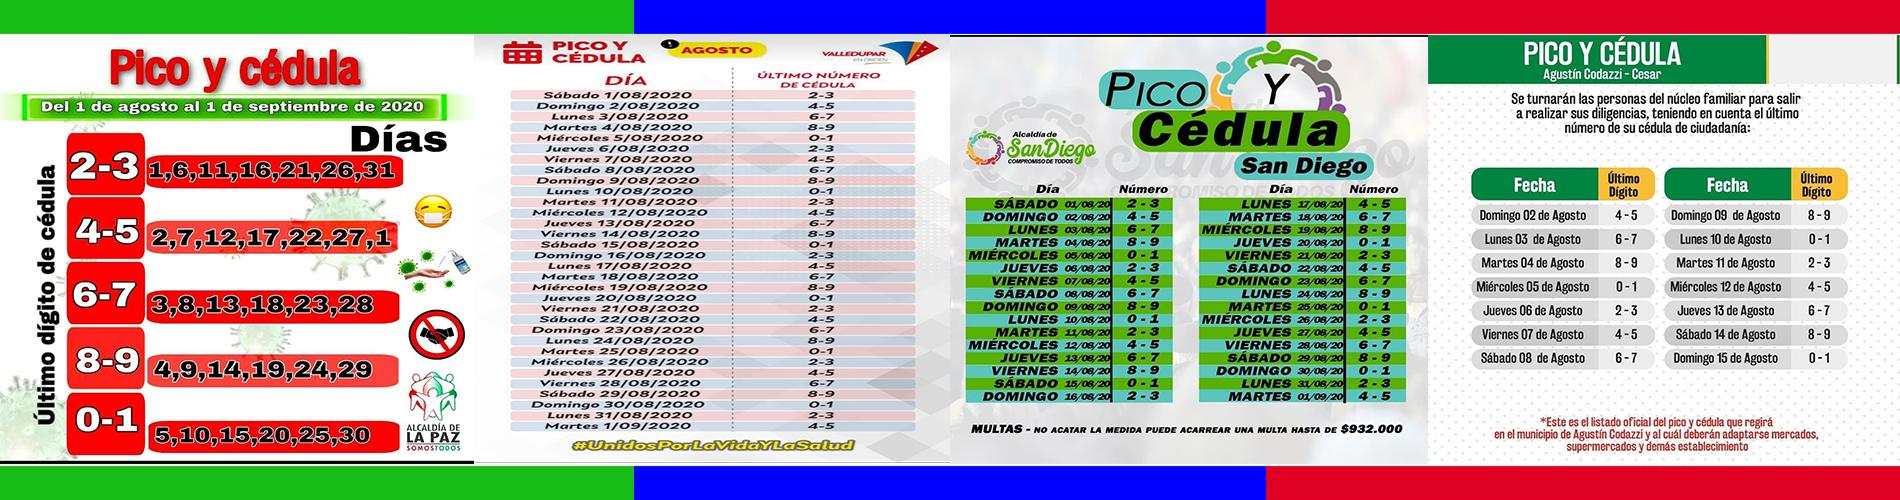 Pico y Cédula M/pios